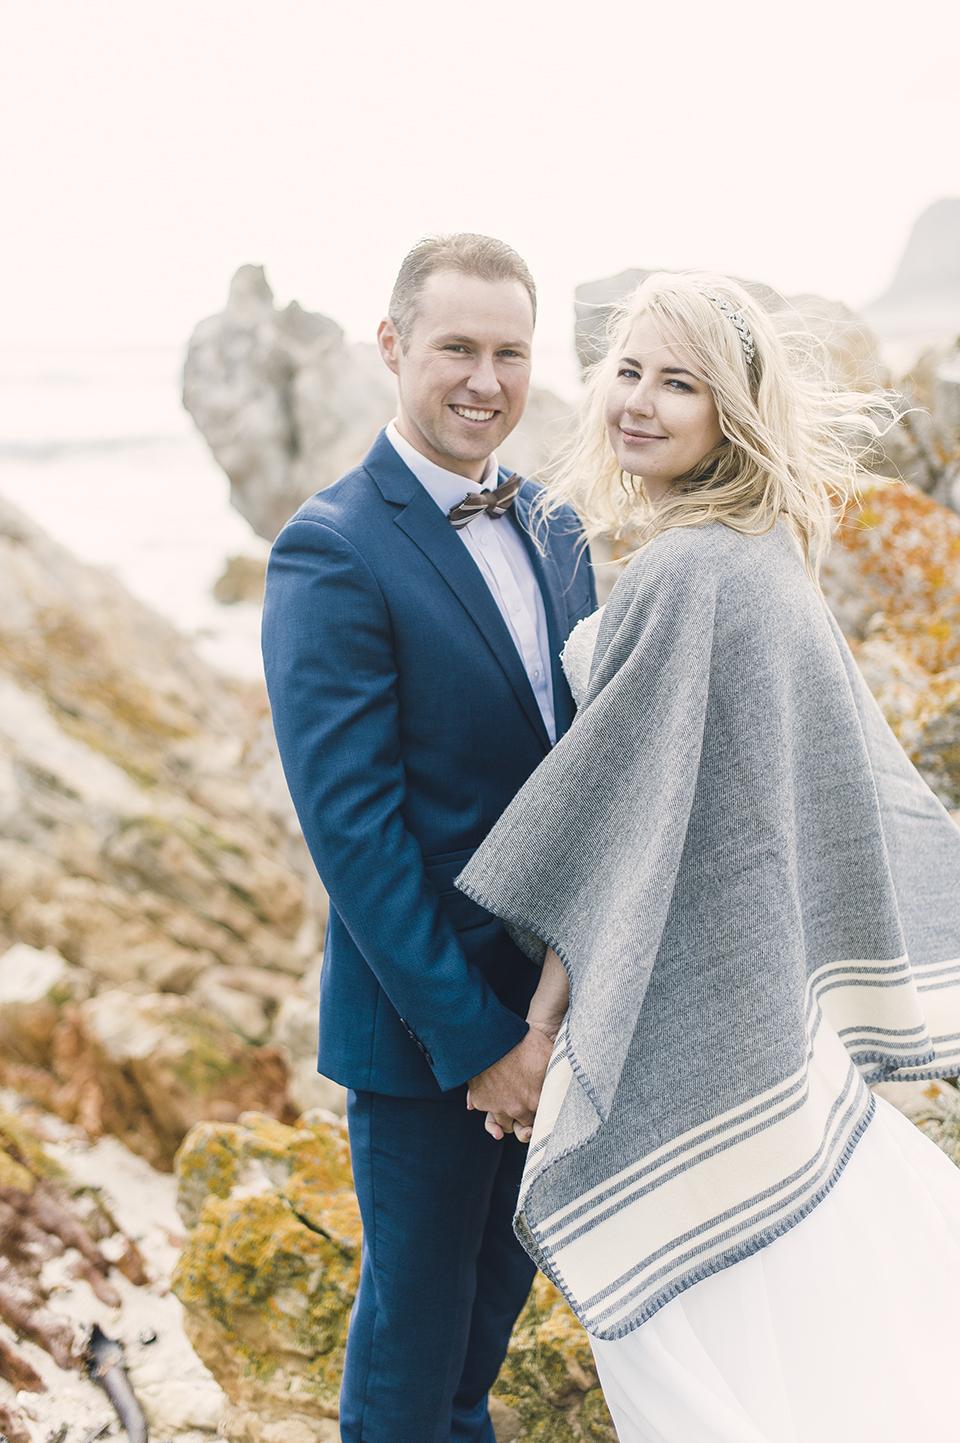 RyanParker_WeddingPhotographer_CapeTown_Hermanus_PringleBay_SouthAfrica_T&R_DSC_5612.jpg